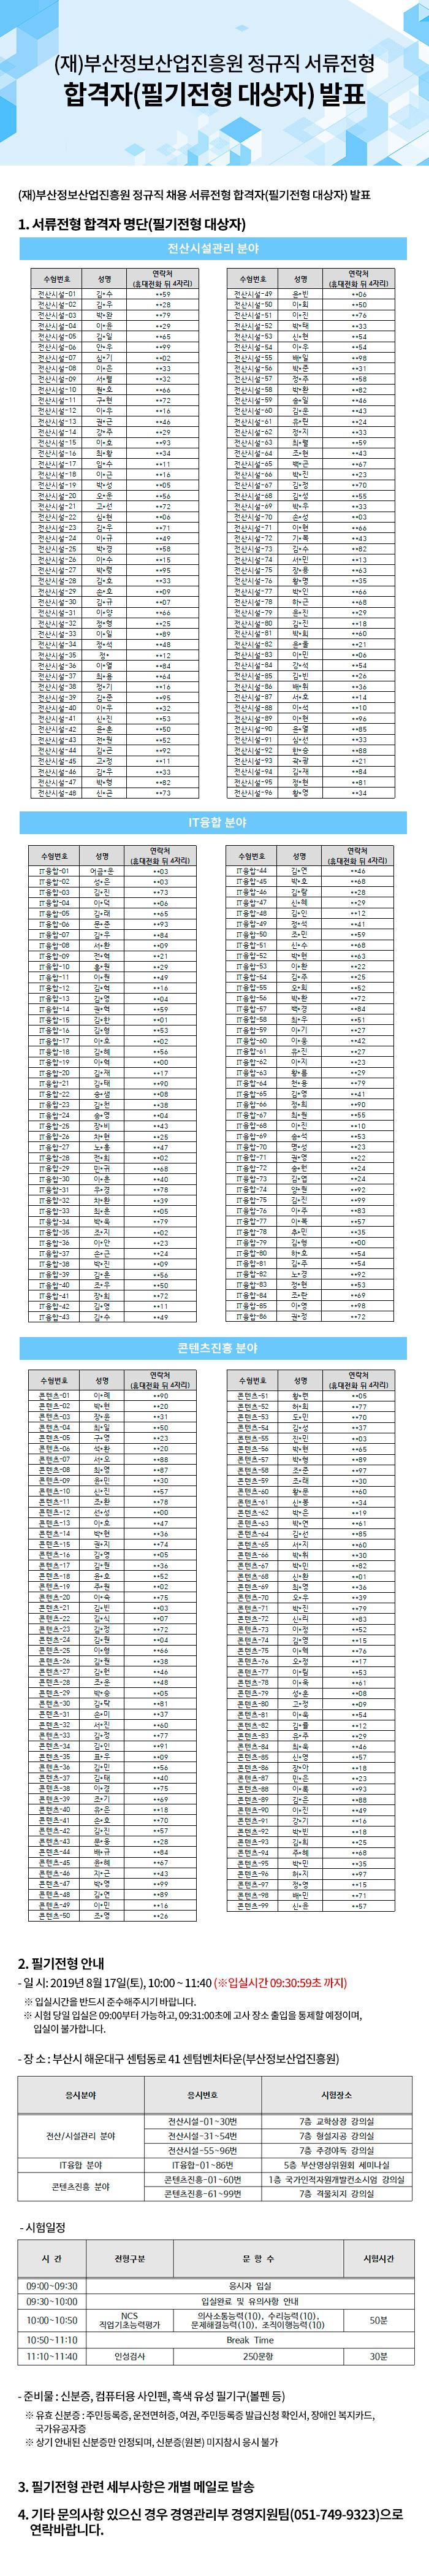 (재)부산정보산업진흥원 정규직 서류전형 합격자(필기전형 대상자) 발표